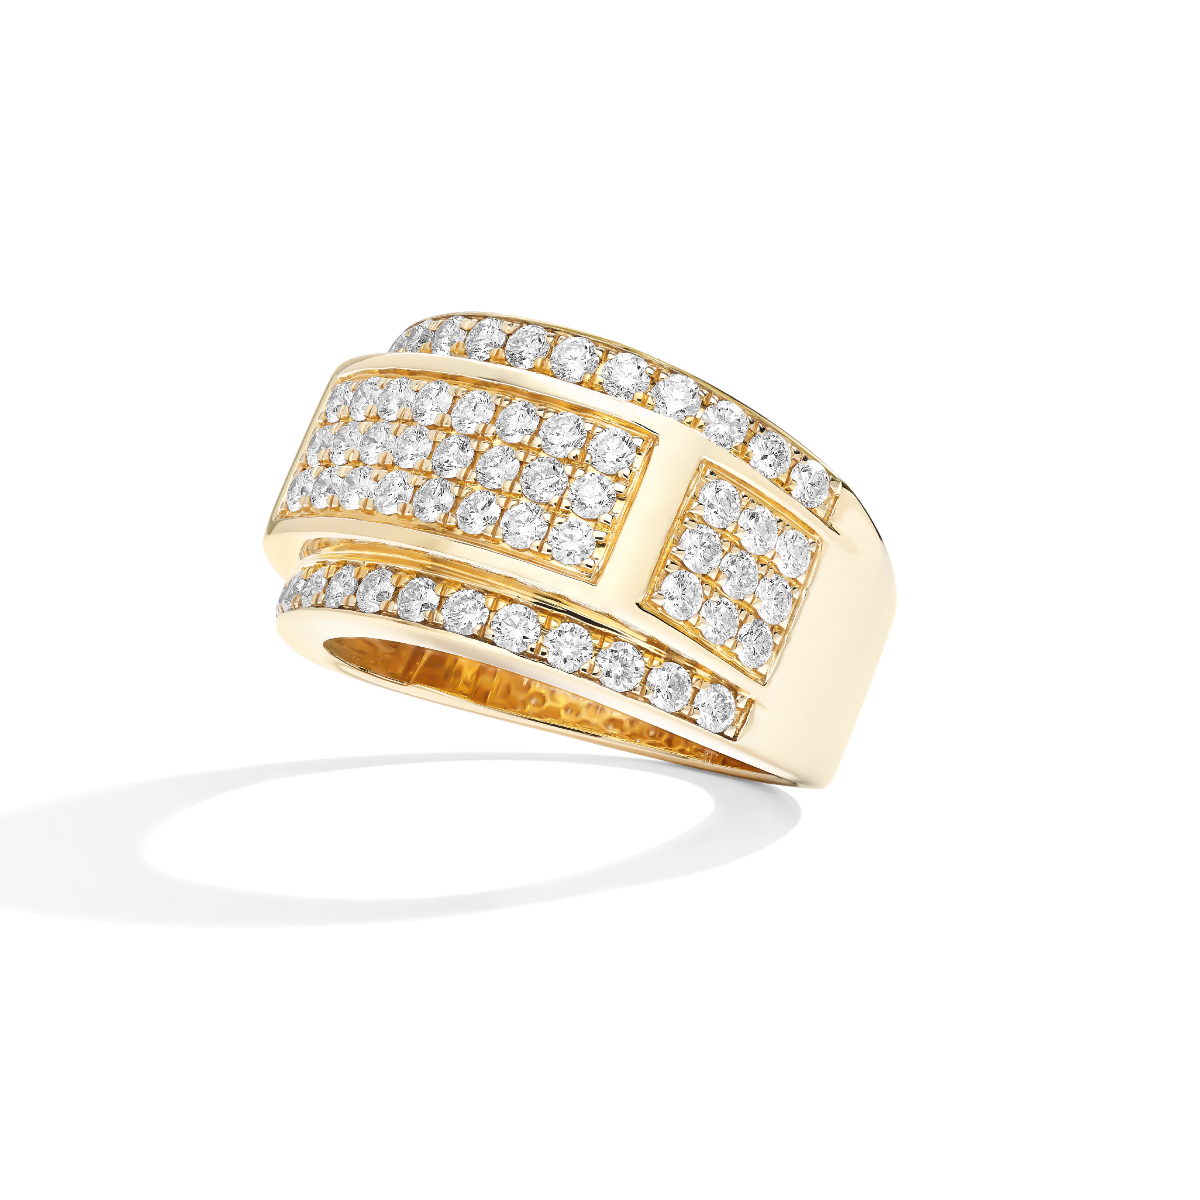 Men's Lab Grown 2 1/10ct. Diamond Ring in 14k Yellow Gold